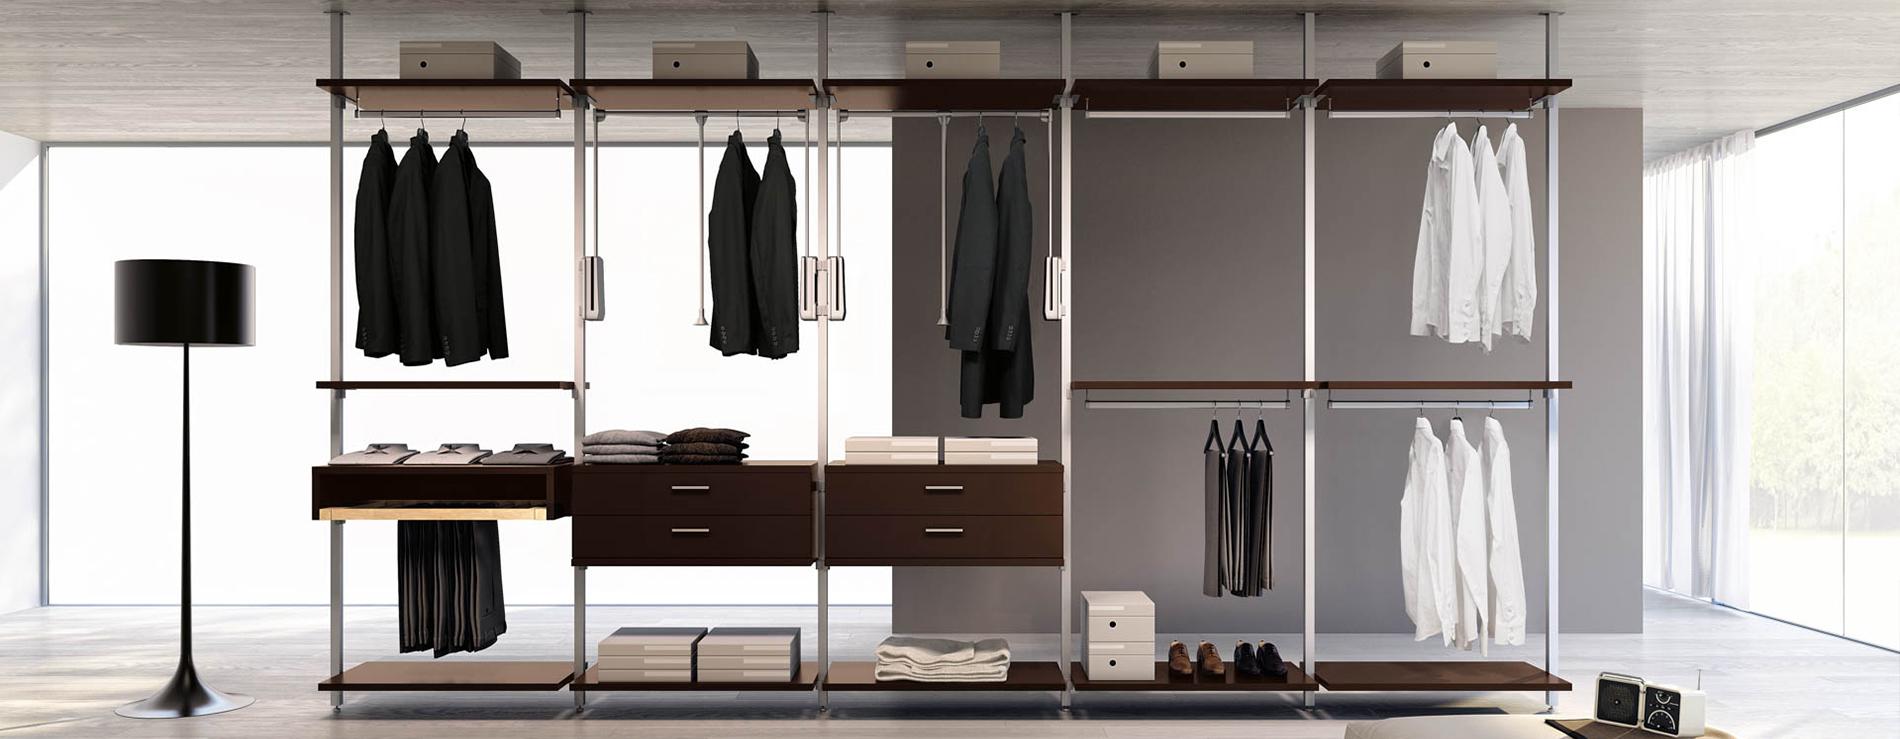 Cabina armadio 51 ferri mobili centro mobili for Cabina con avvolgente portico